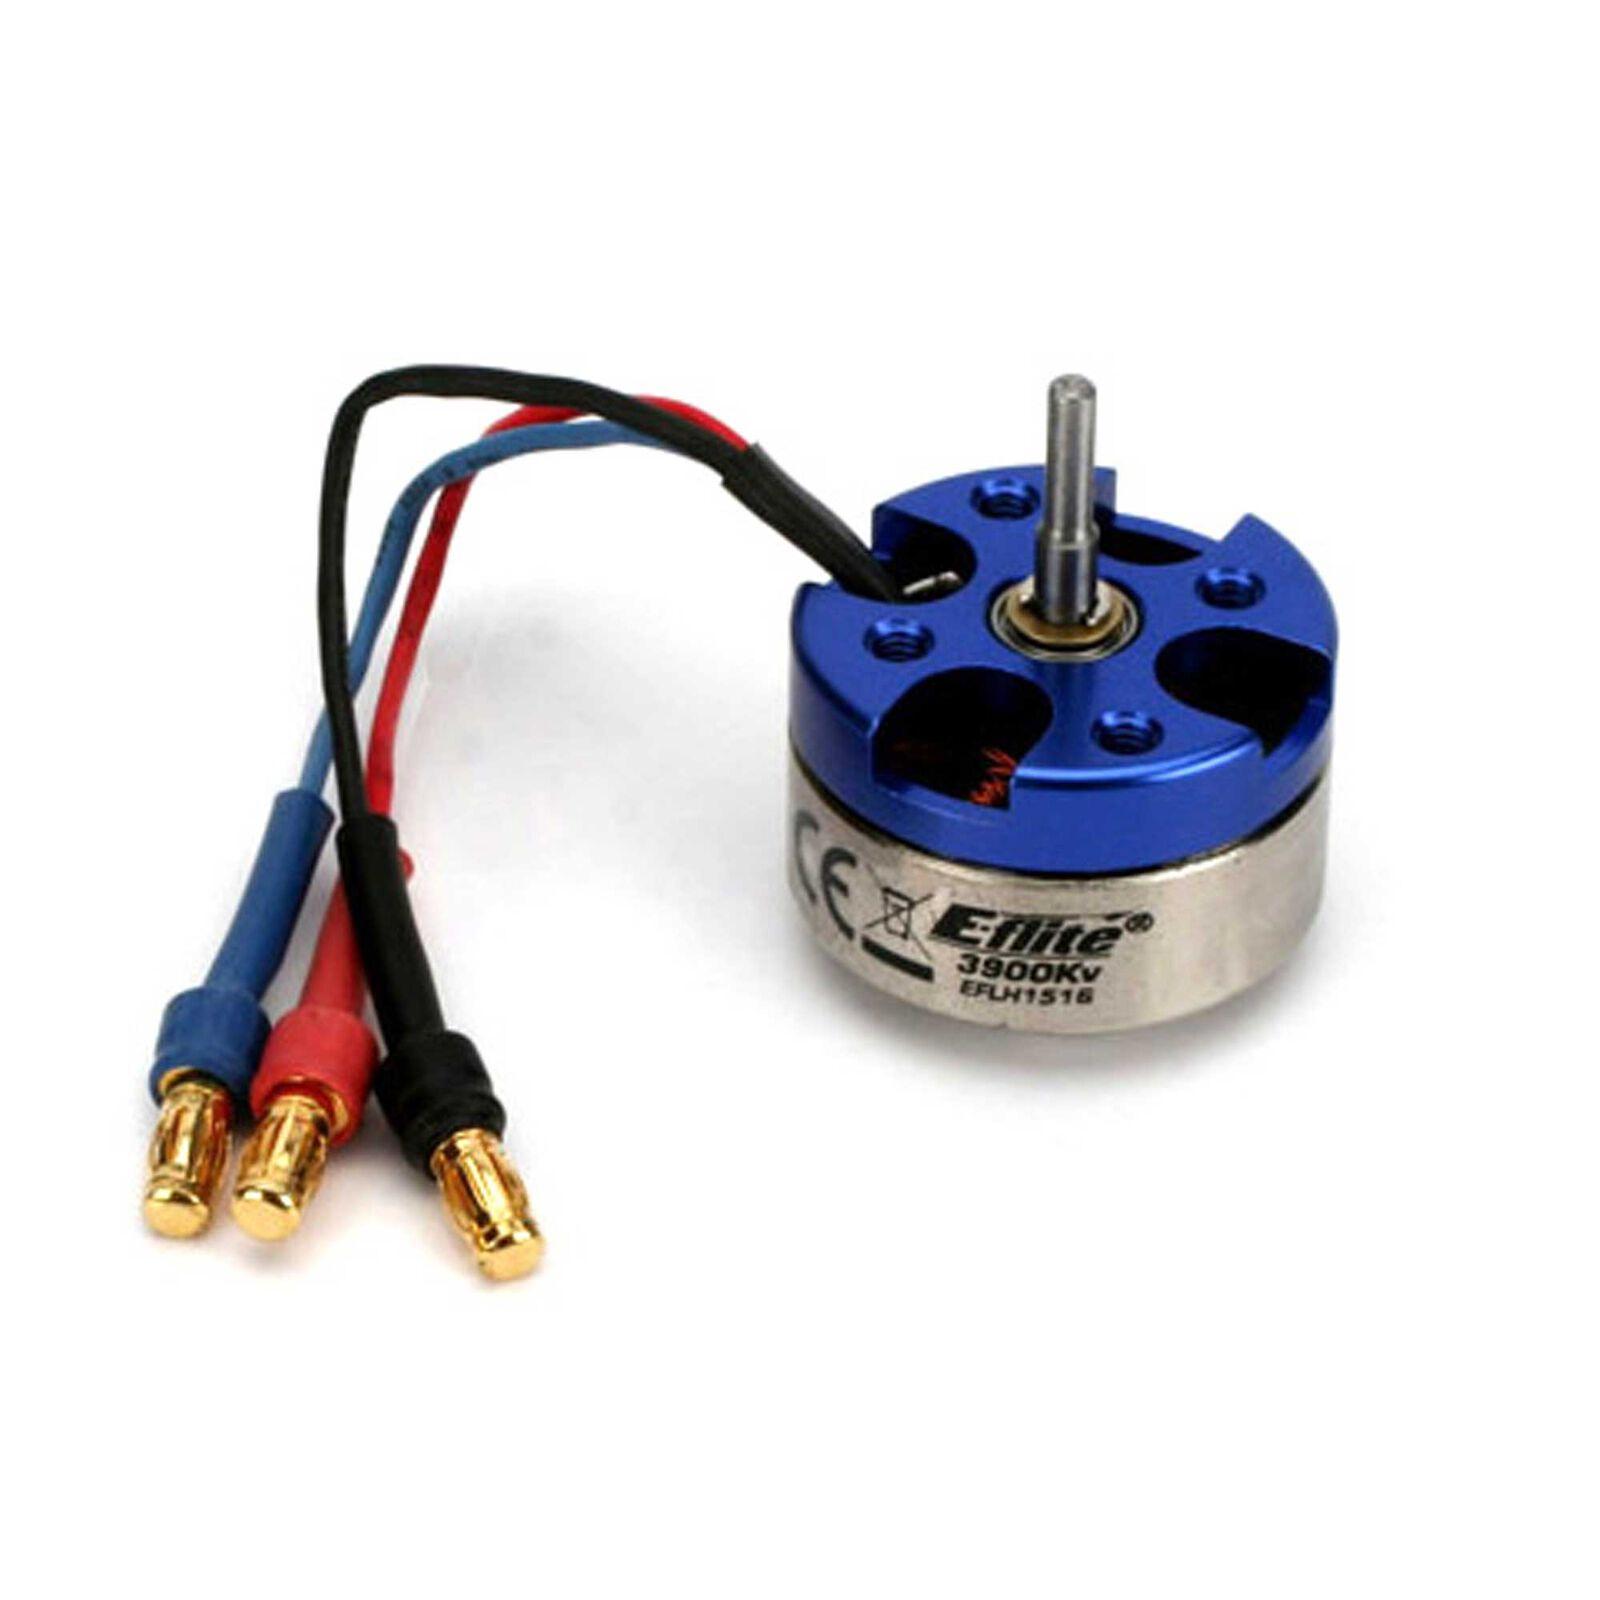 E-flite Blade 3900 kV Brushless-Motor: BSR